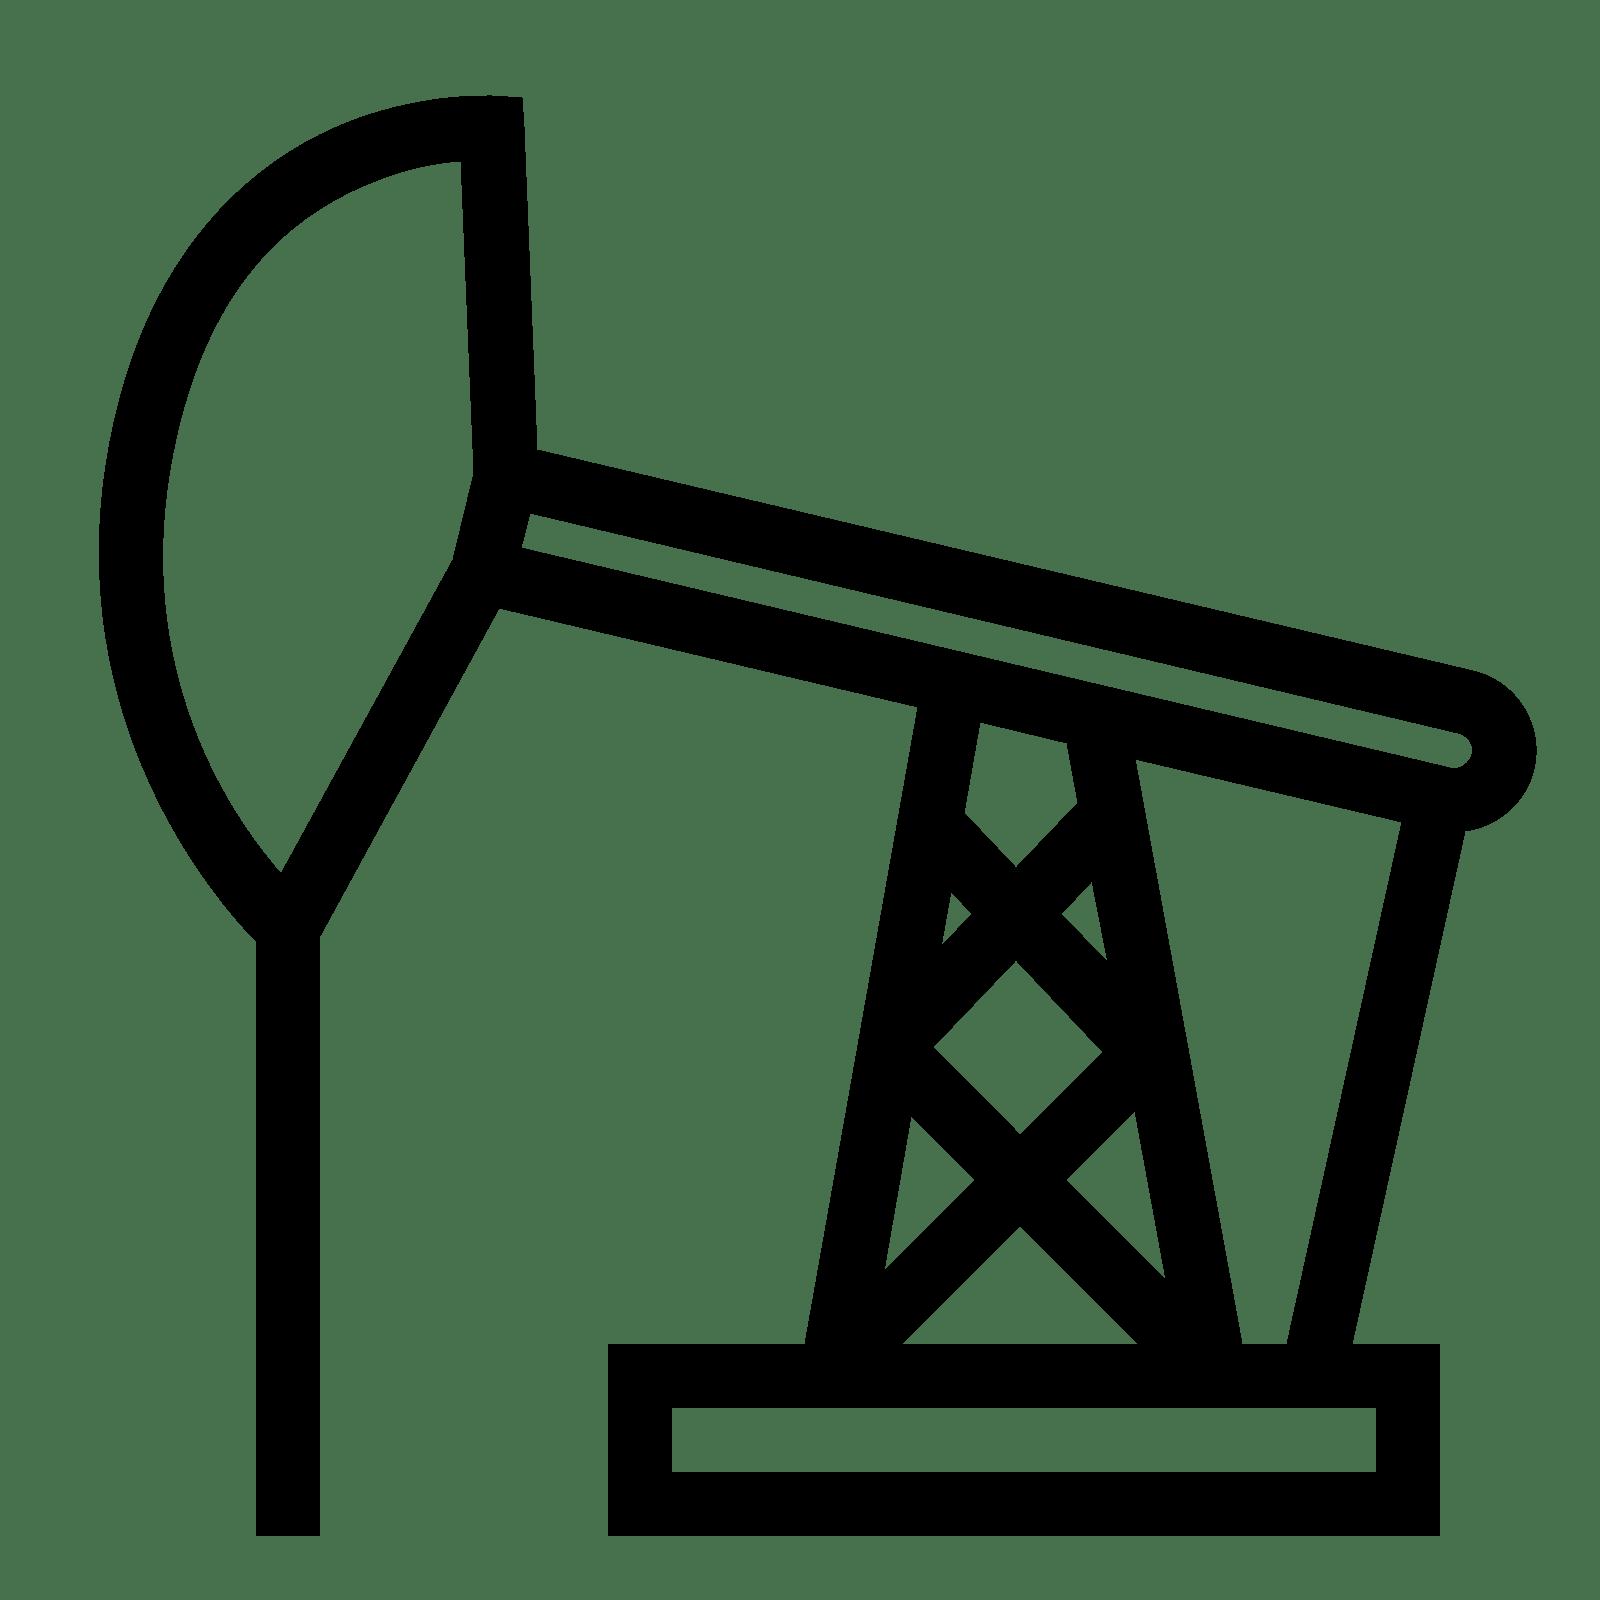 Oil Pump Svg Jerusalem House